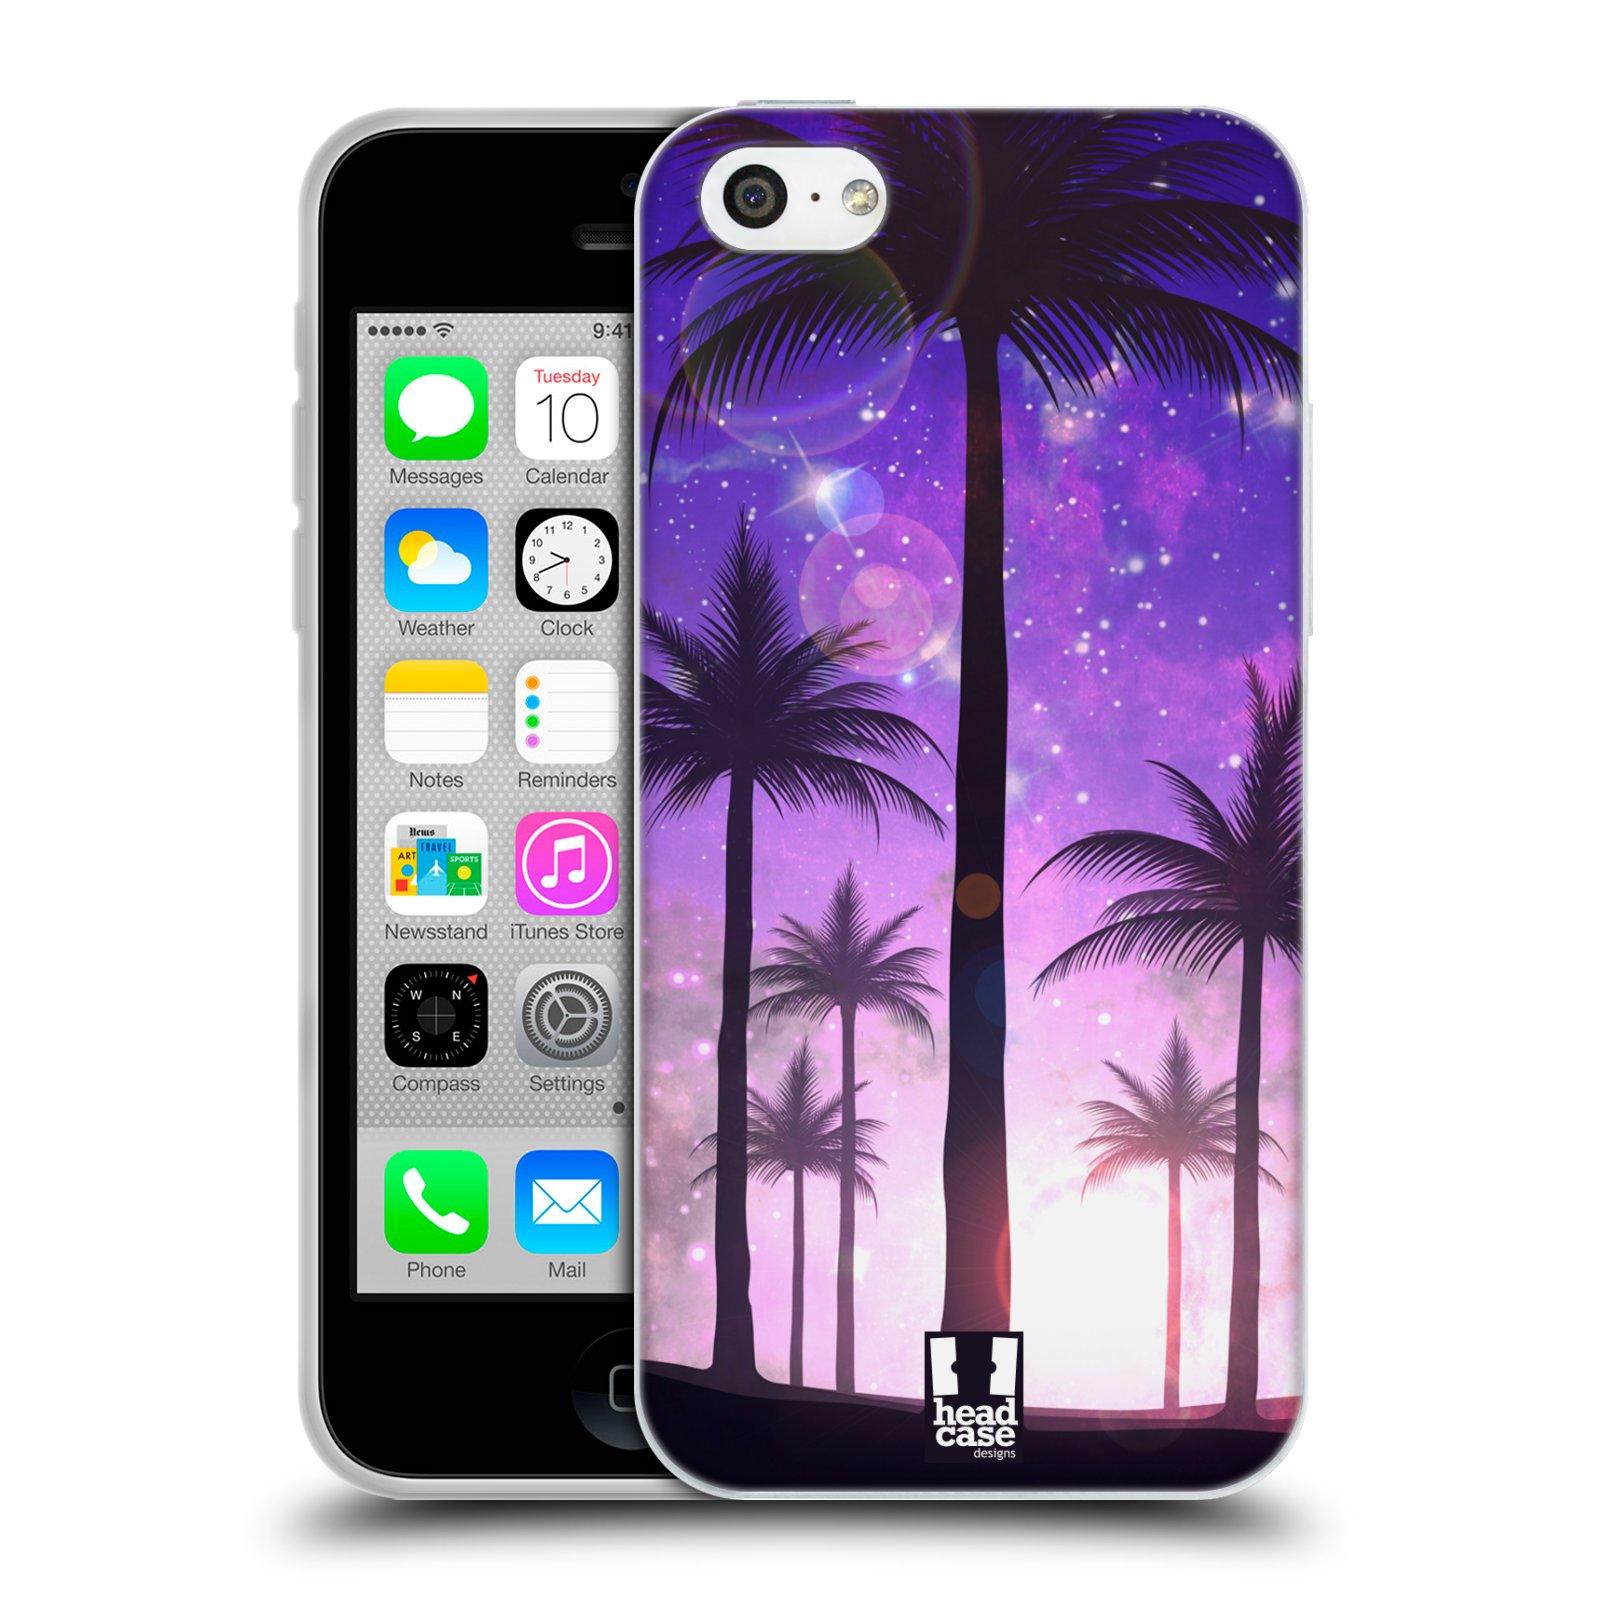 HEAD CASE silikonový obal na mobil Apple Iphone 5C vzor Kreslený motiv silueta moře a palmy FIALOVÁ